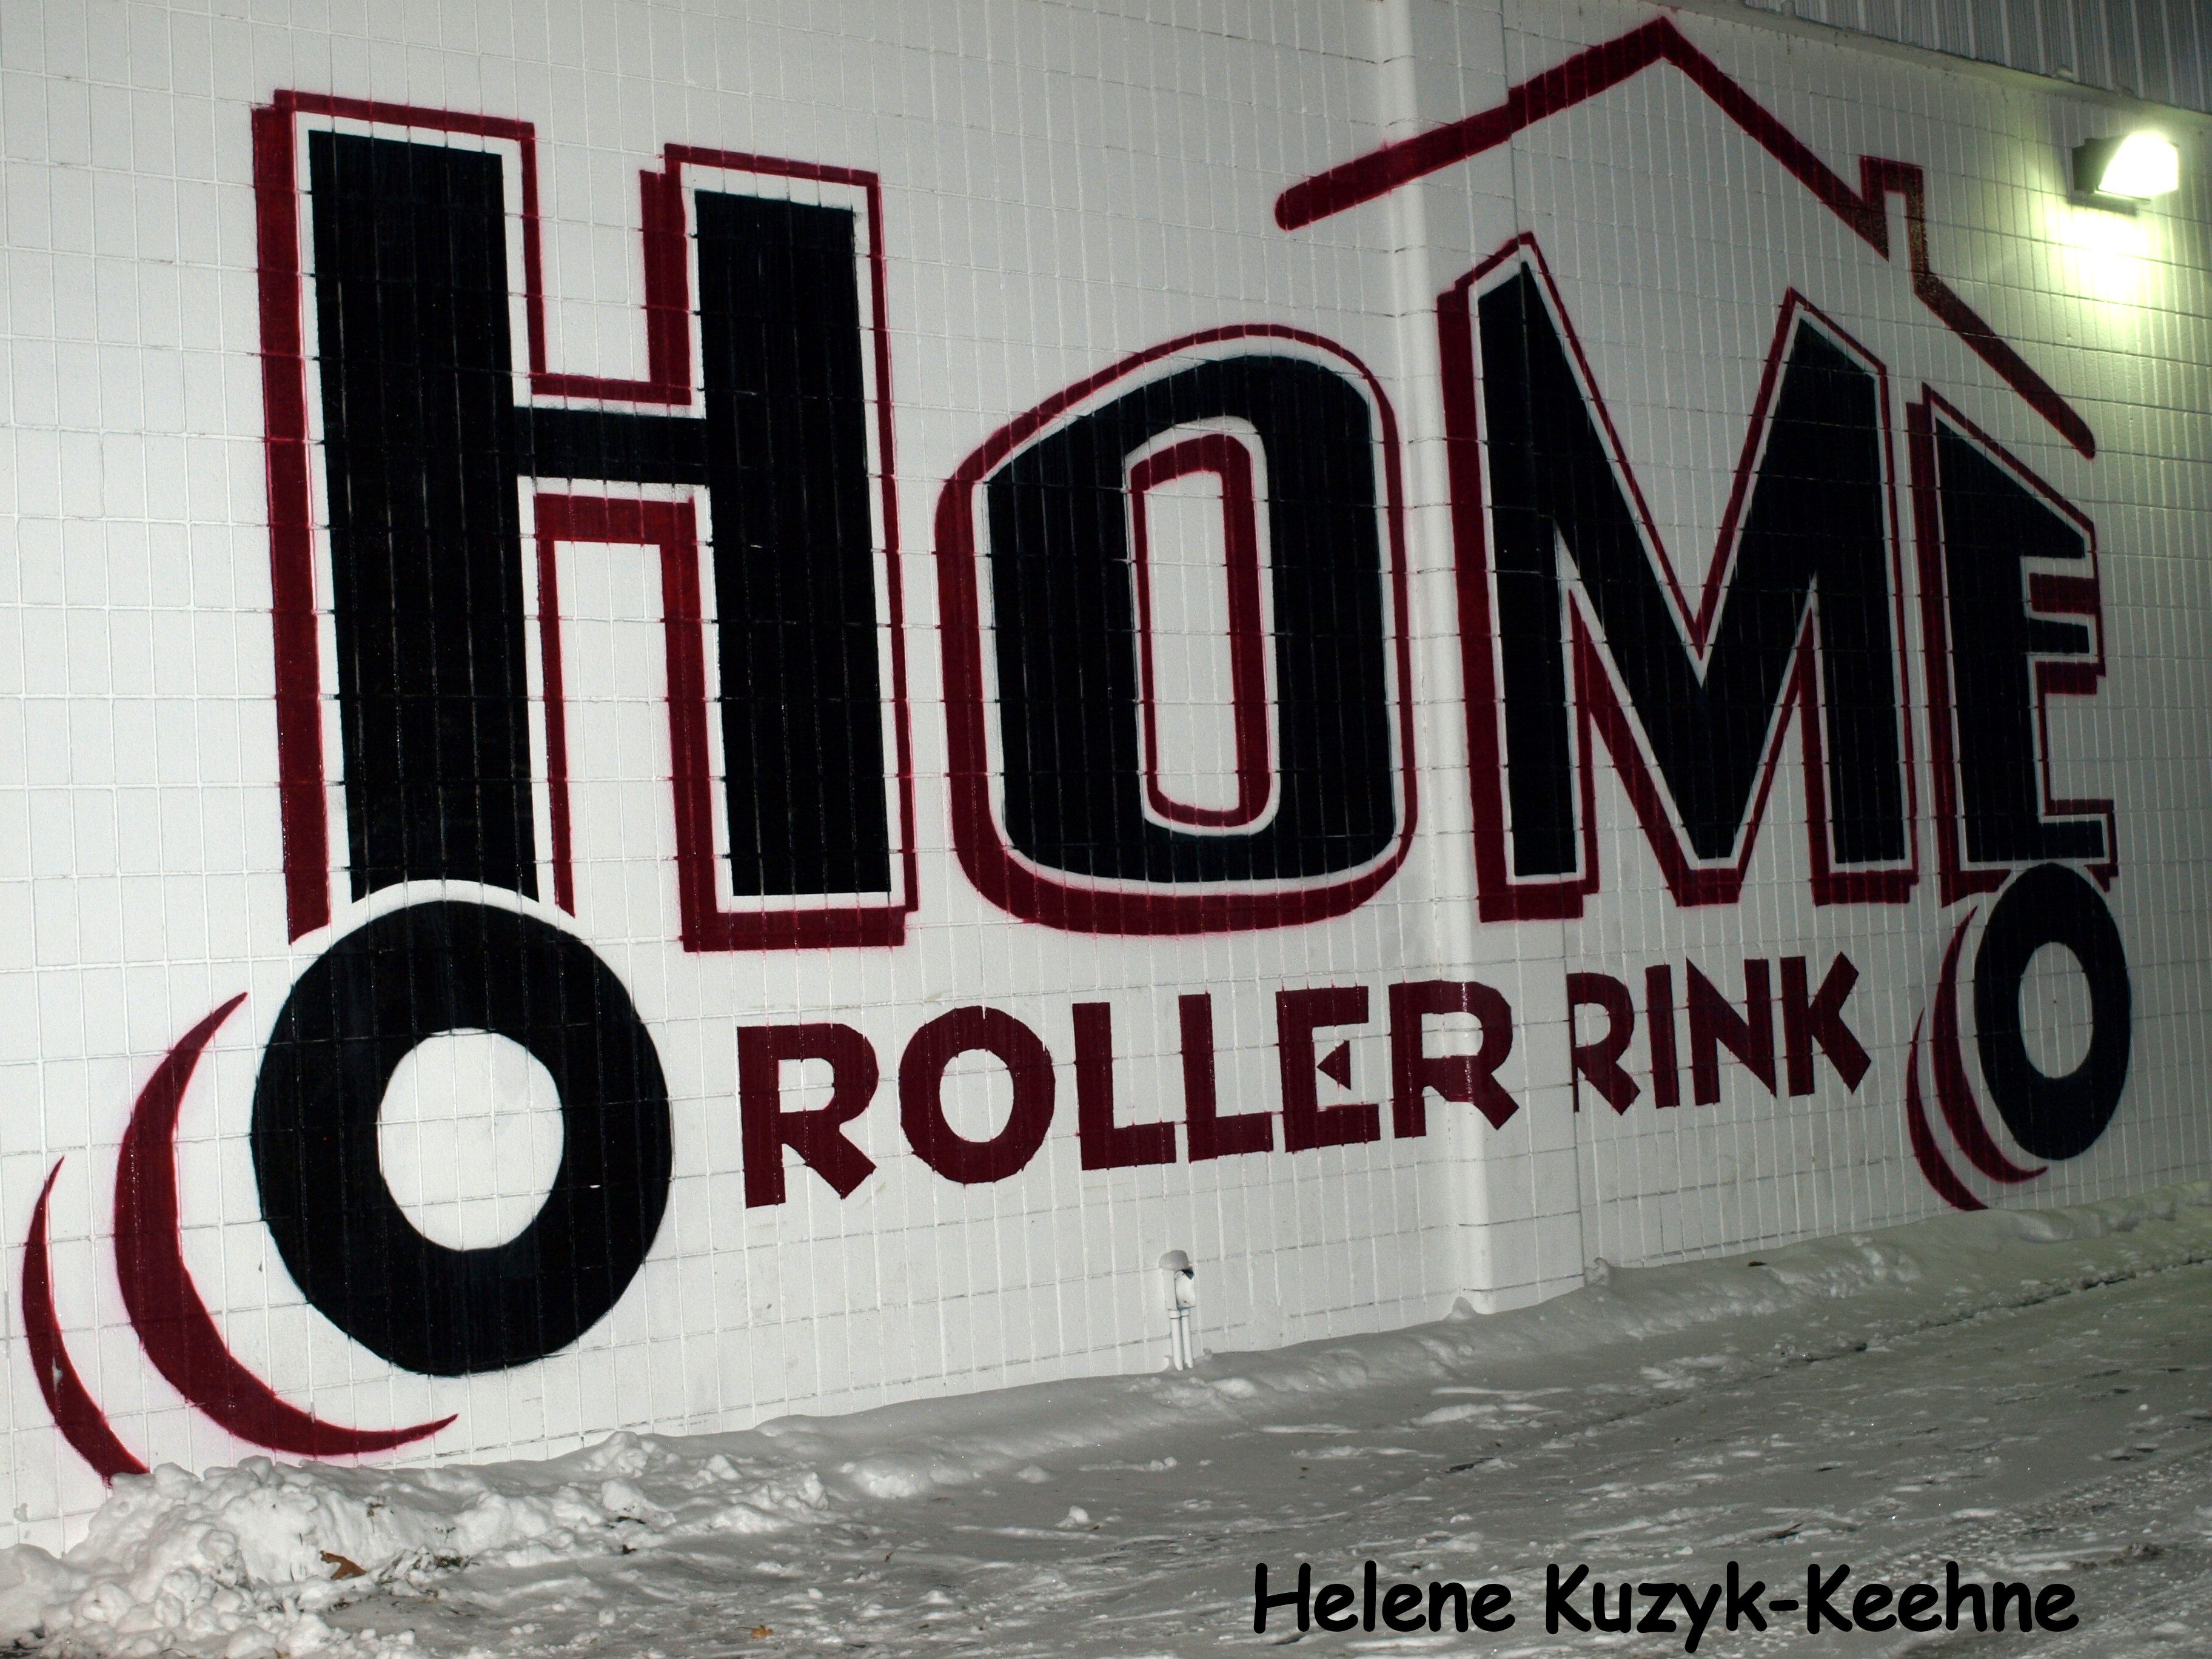 Roller skating rink arlington va - Home Roller Rink In Holland Mi